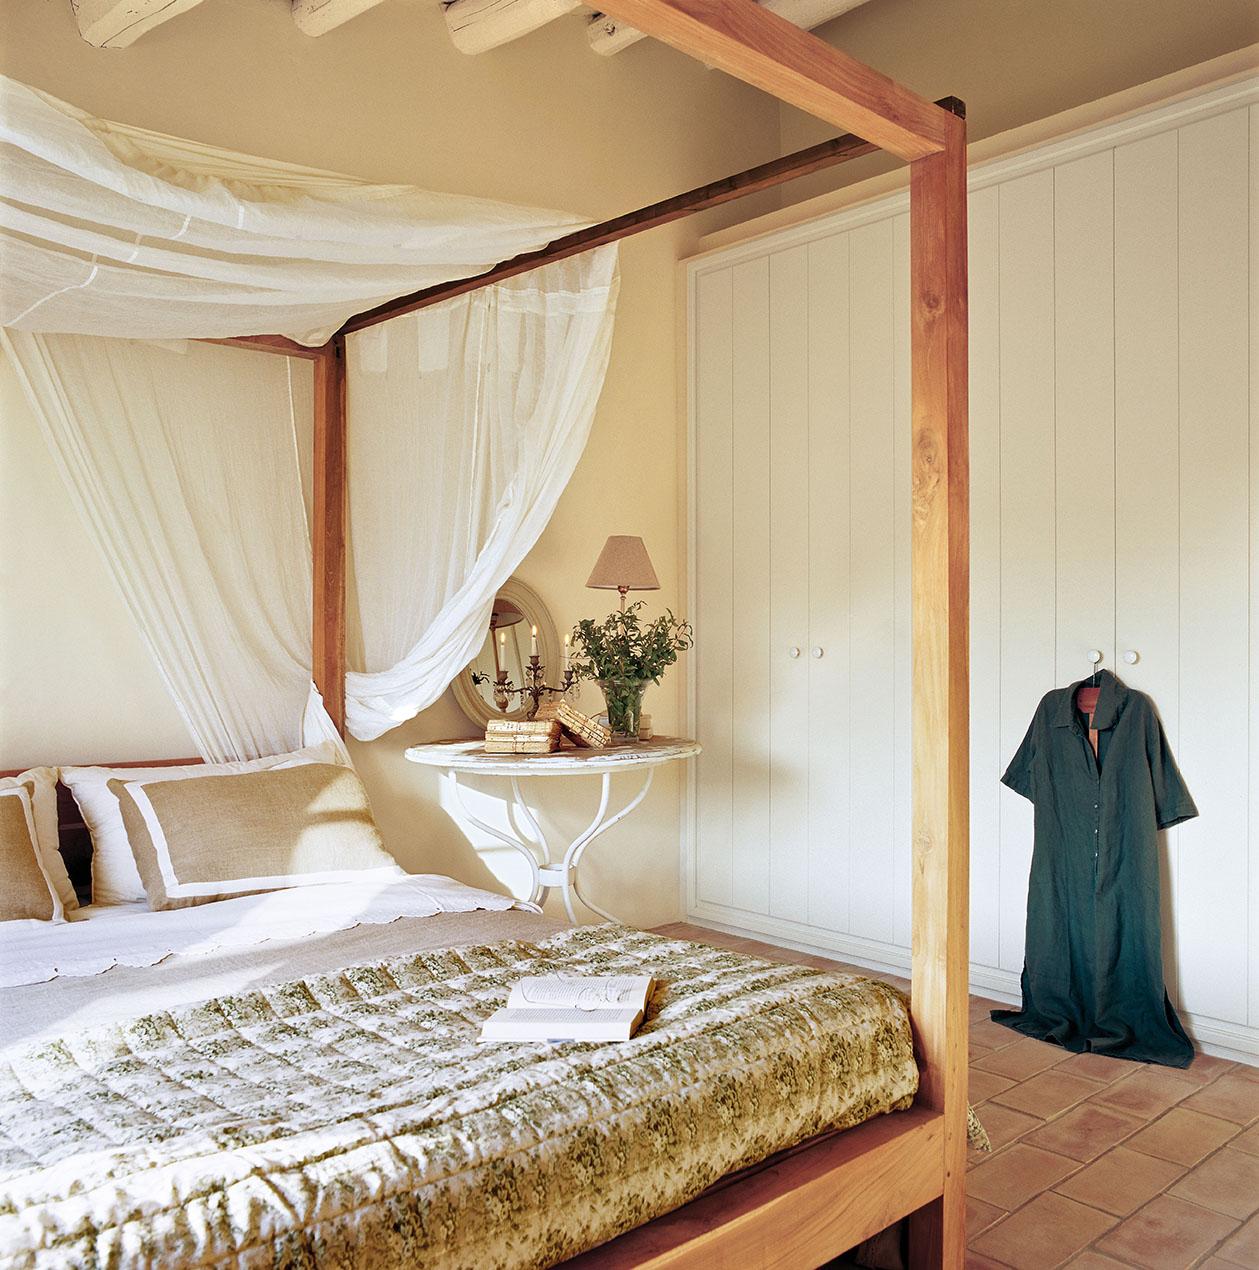 00277096. Dormitorio principal